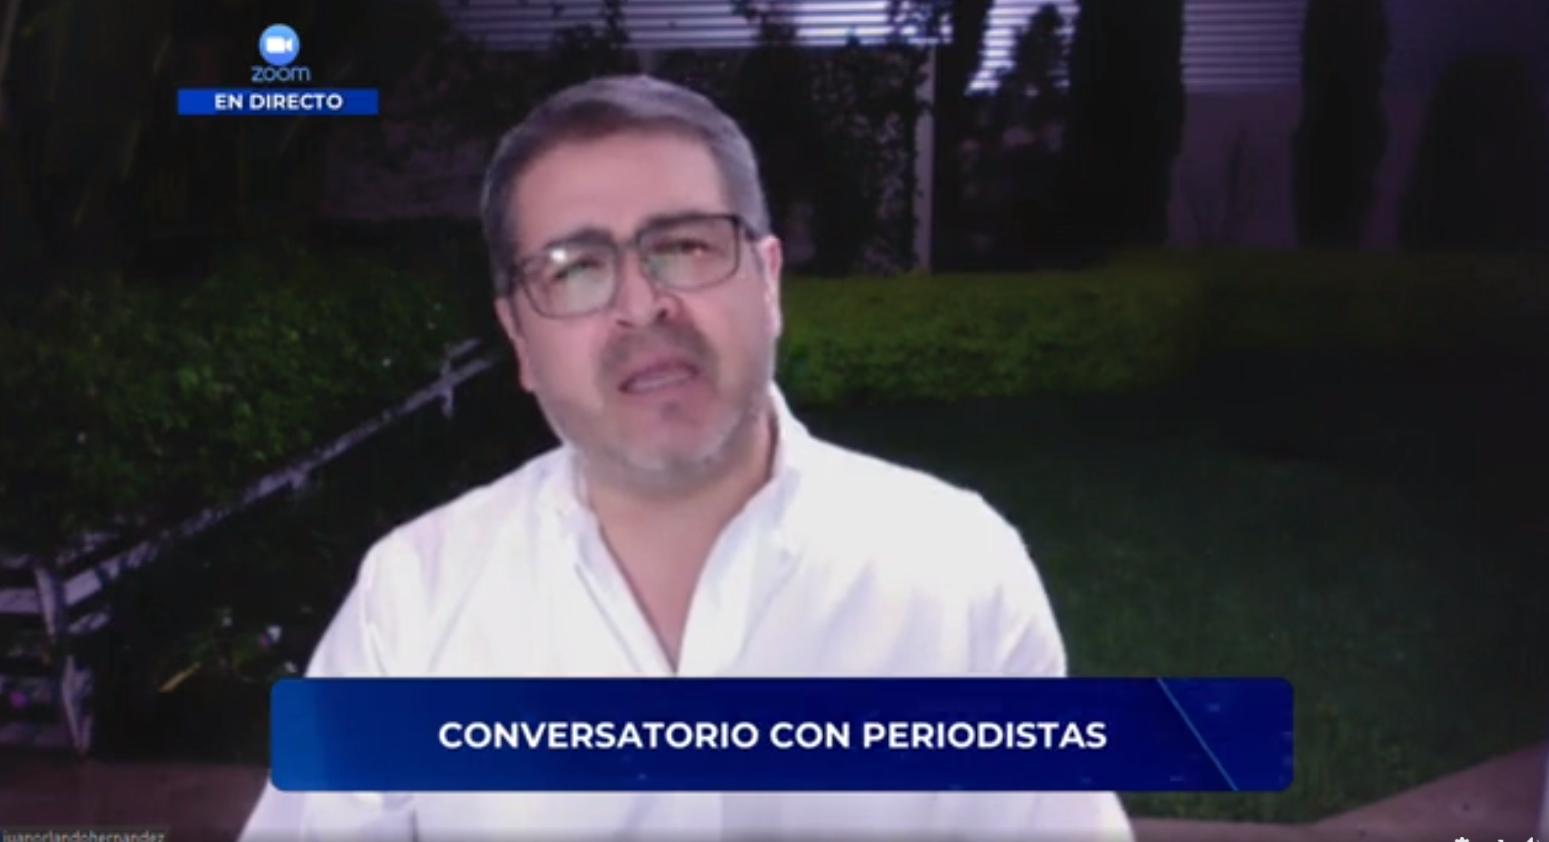 Periodistas no hicieron preguntas incómodas a Hernández en conversatorio